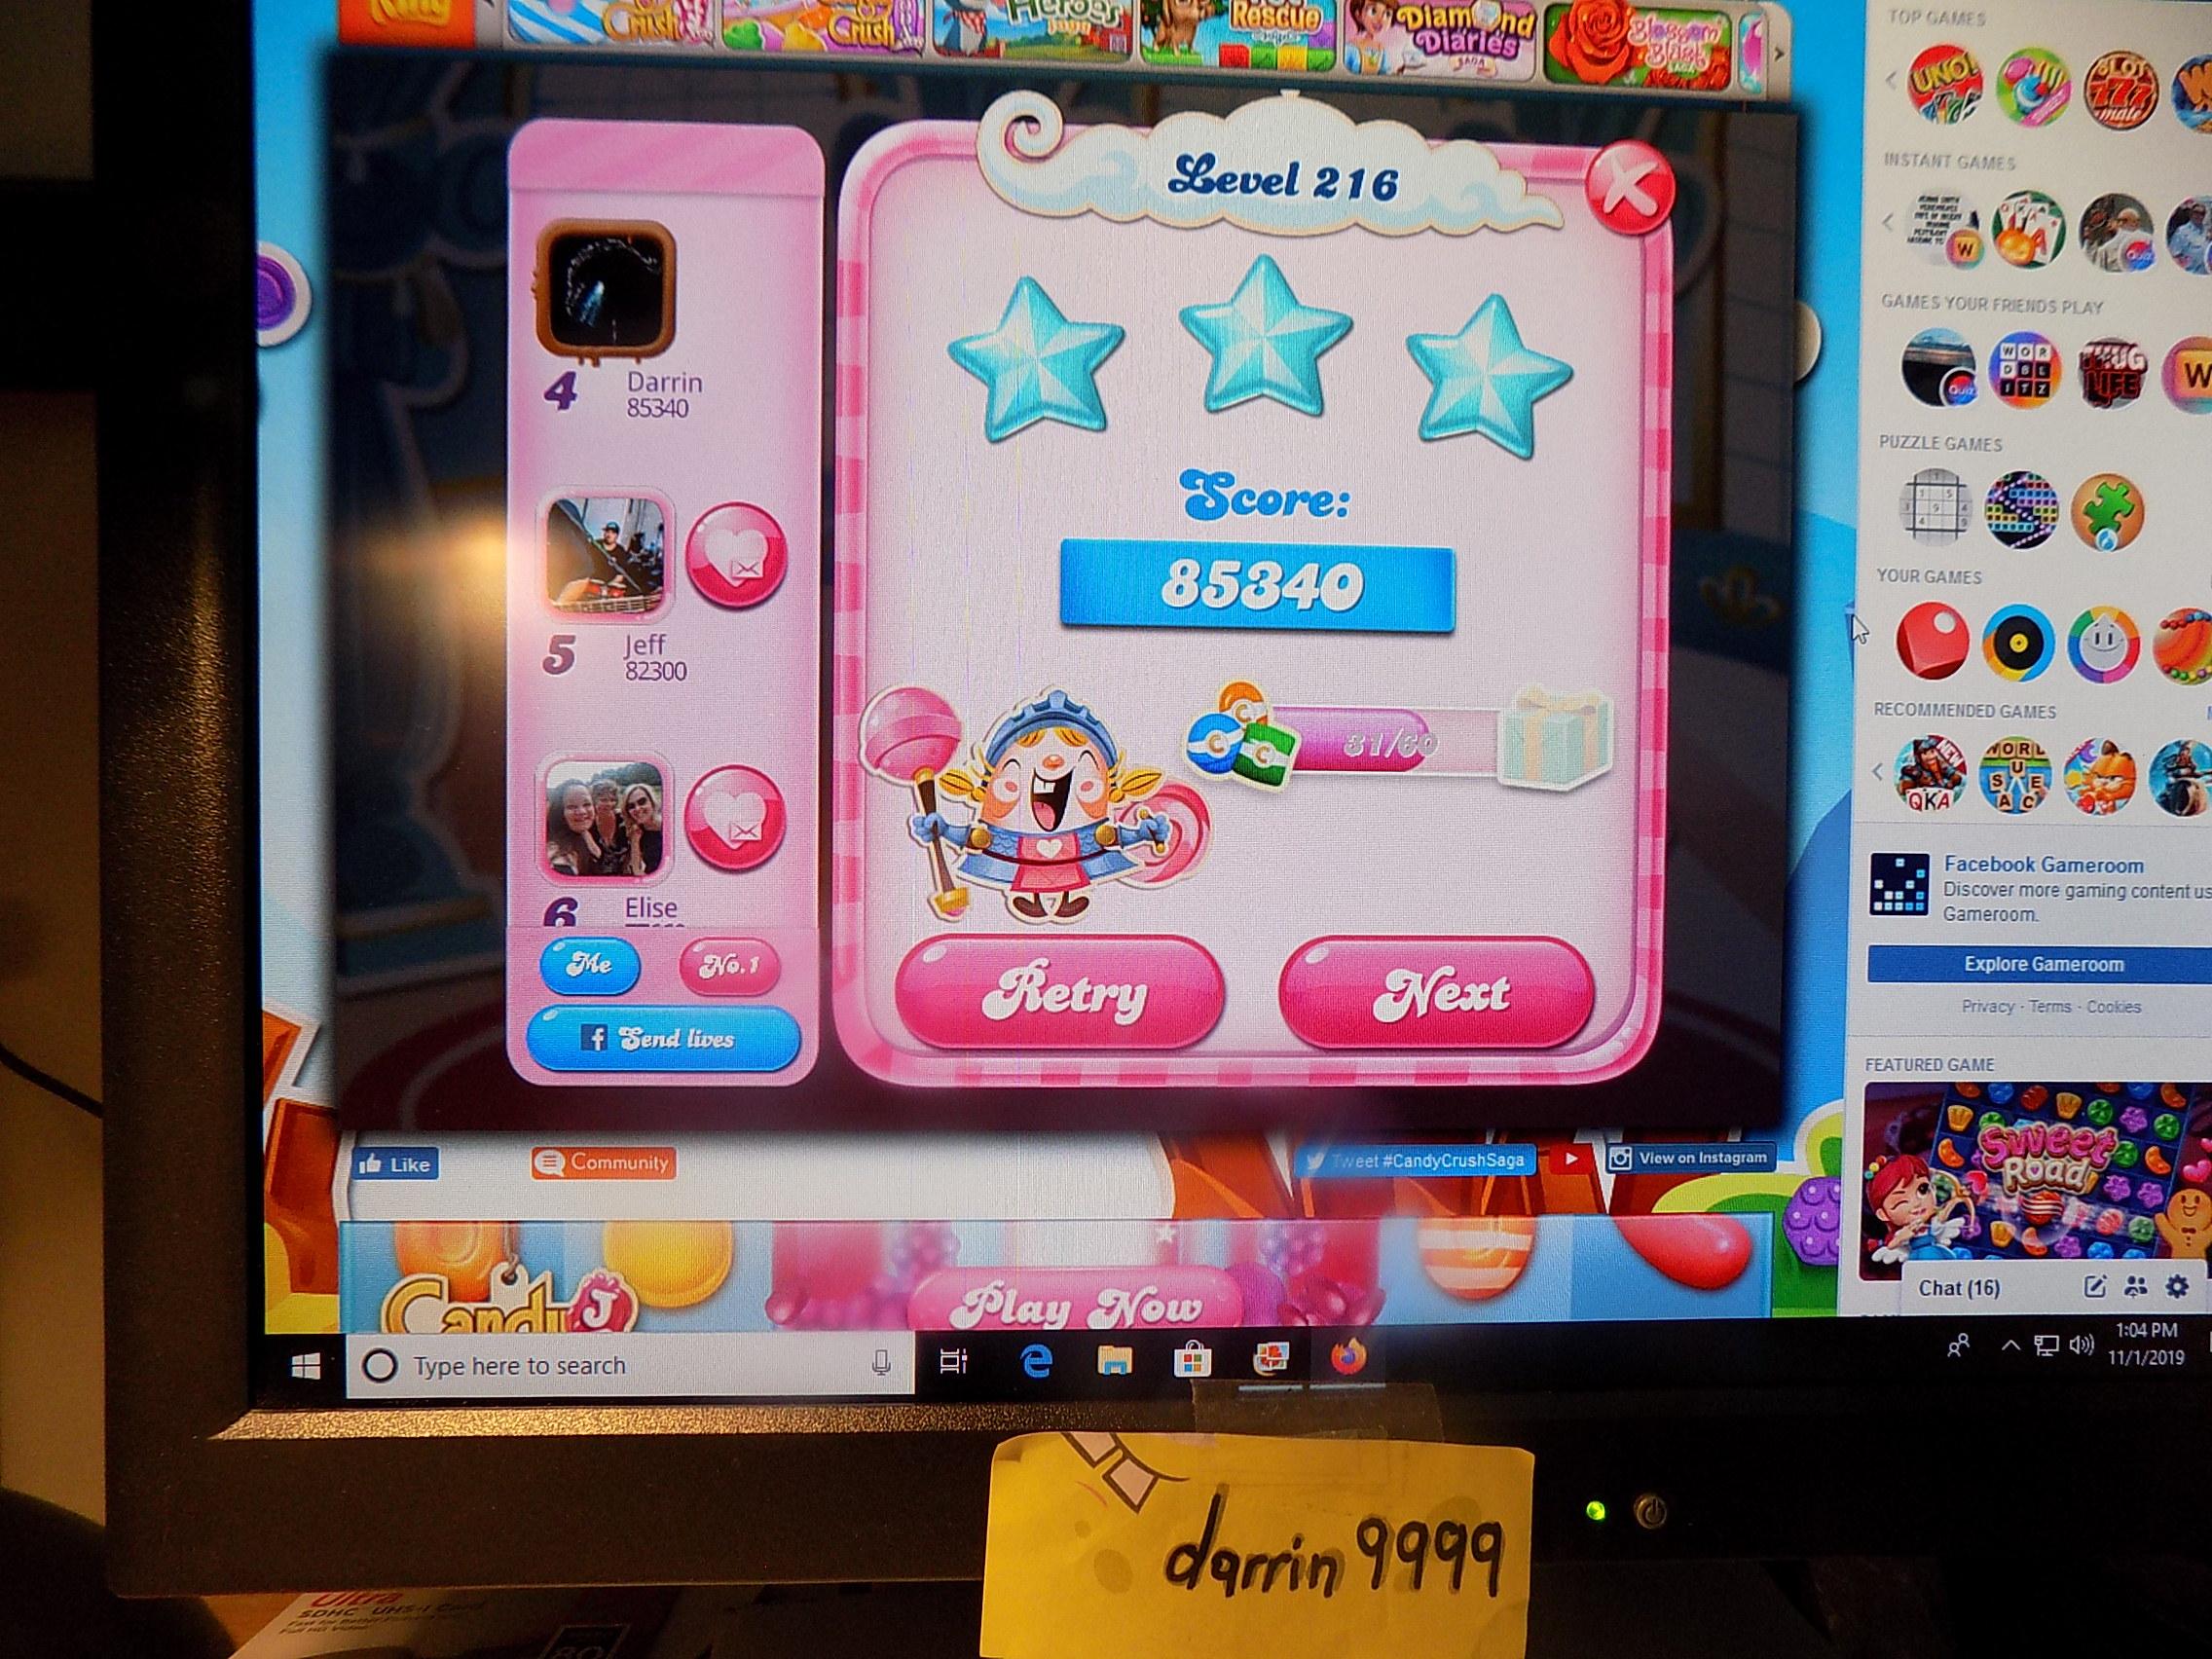 darrin9999: Candy Crush Saga: Level 216 (Web) 85,340 points on 2019-11-18 06:45:31